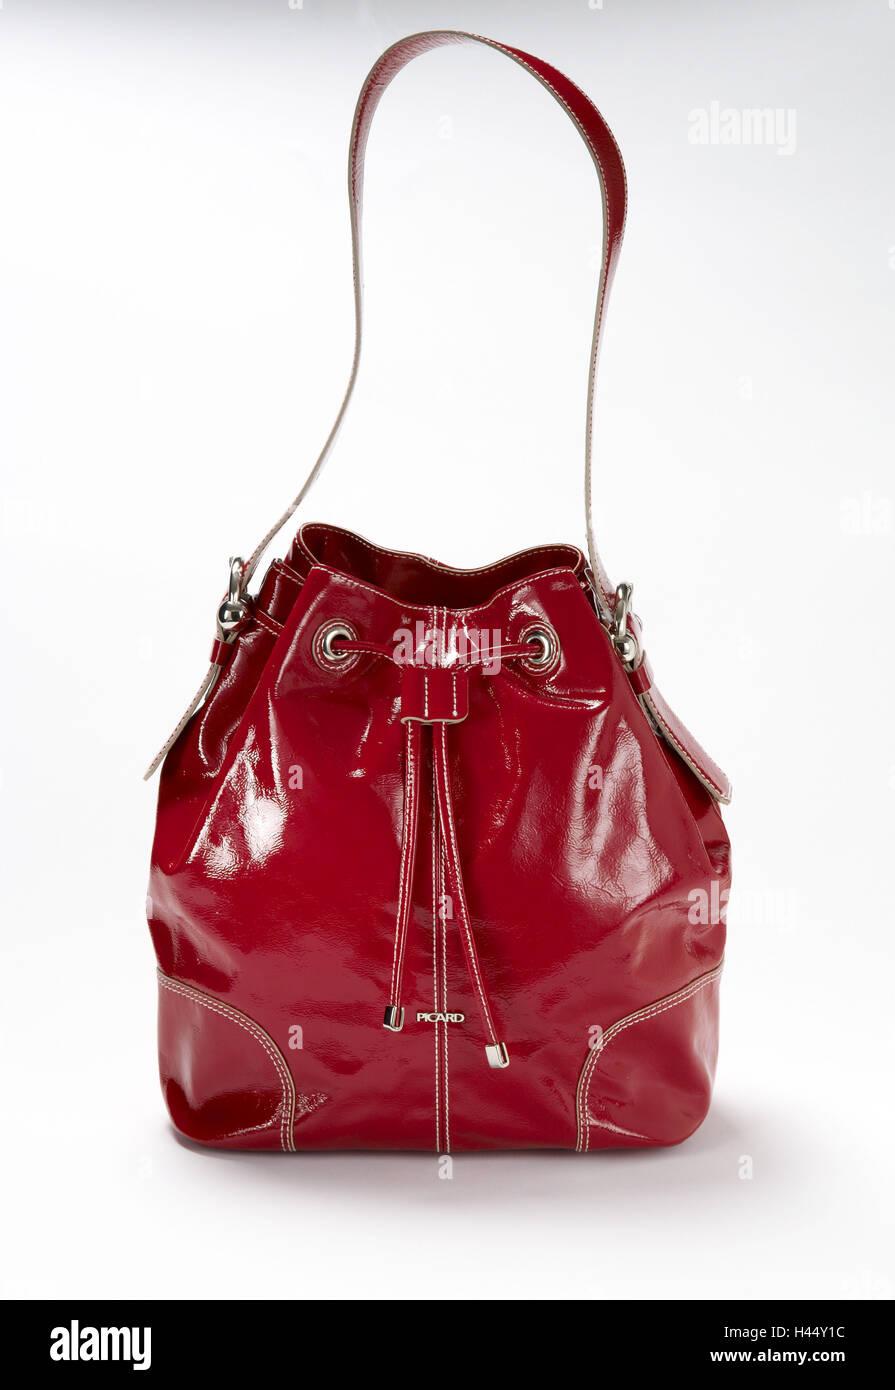 df53d6e371063 Red Handbag Bag Stock Photos   Red Handbag Bag Stock Images - Alamy